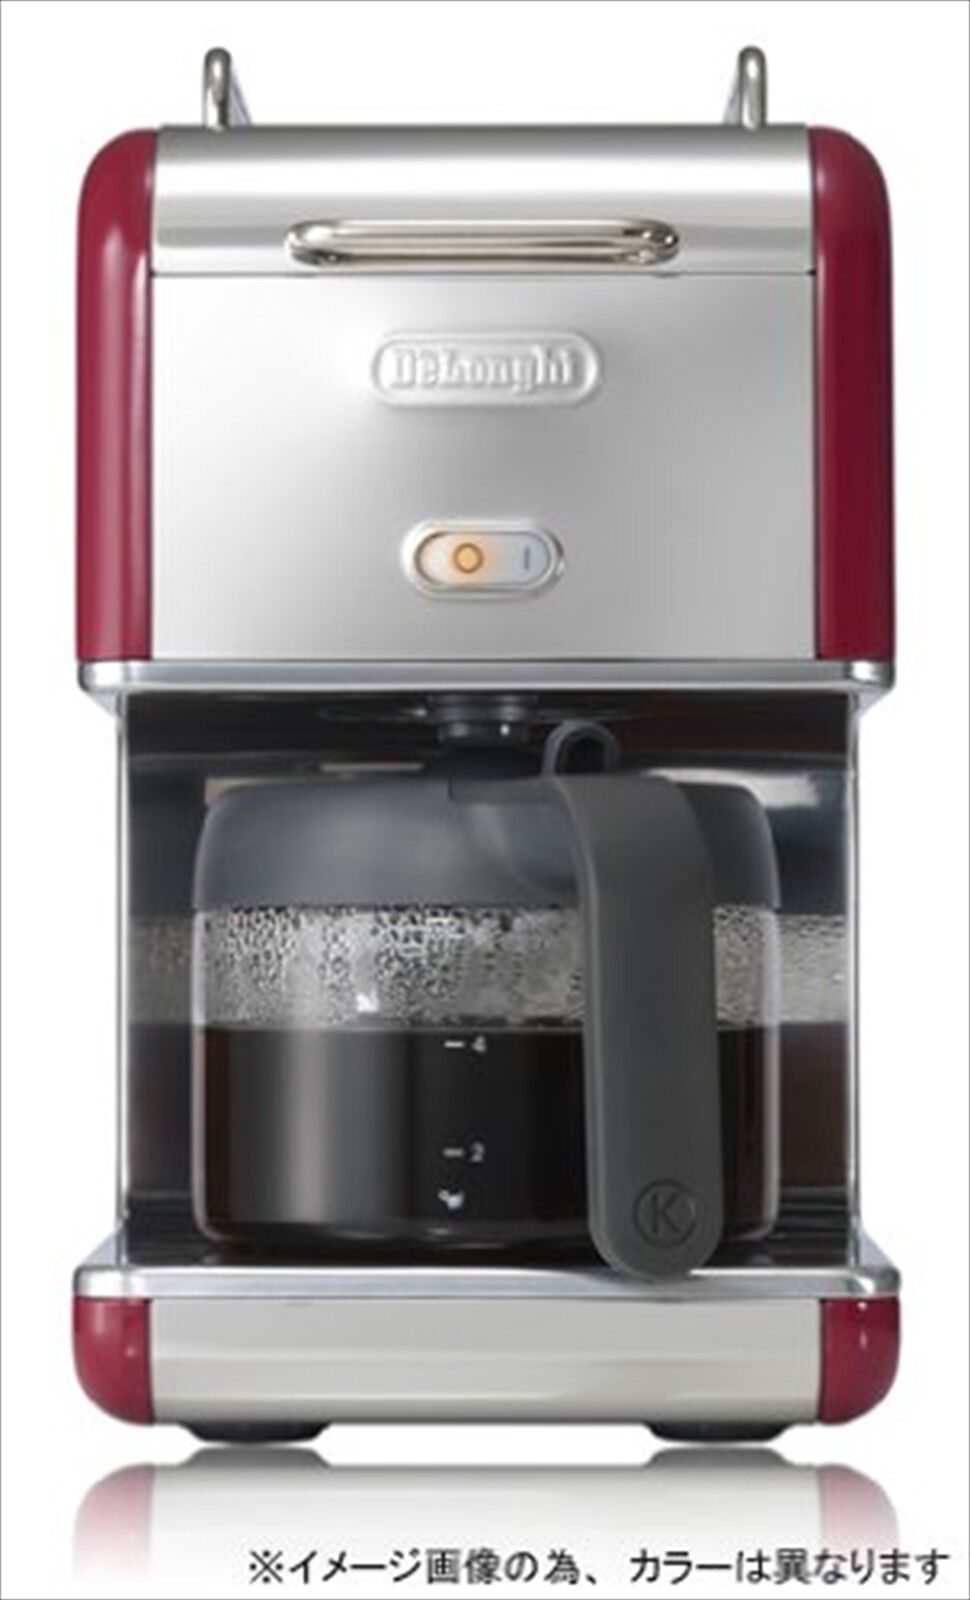 DeLonghi kMix Boutique Drip Coffee Maker 6 Cups Black CMB6-BK AC100V(50//60Hz)